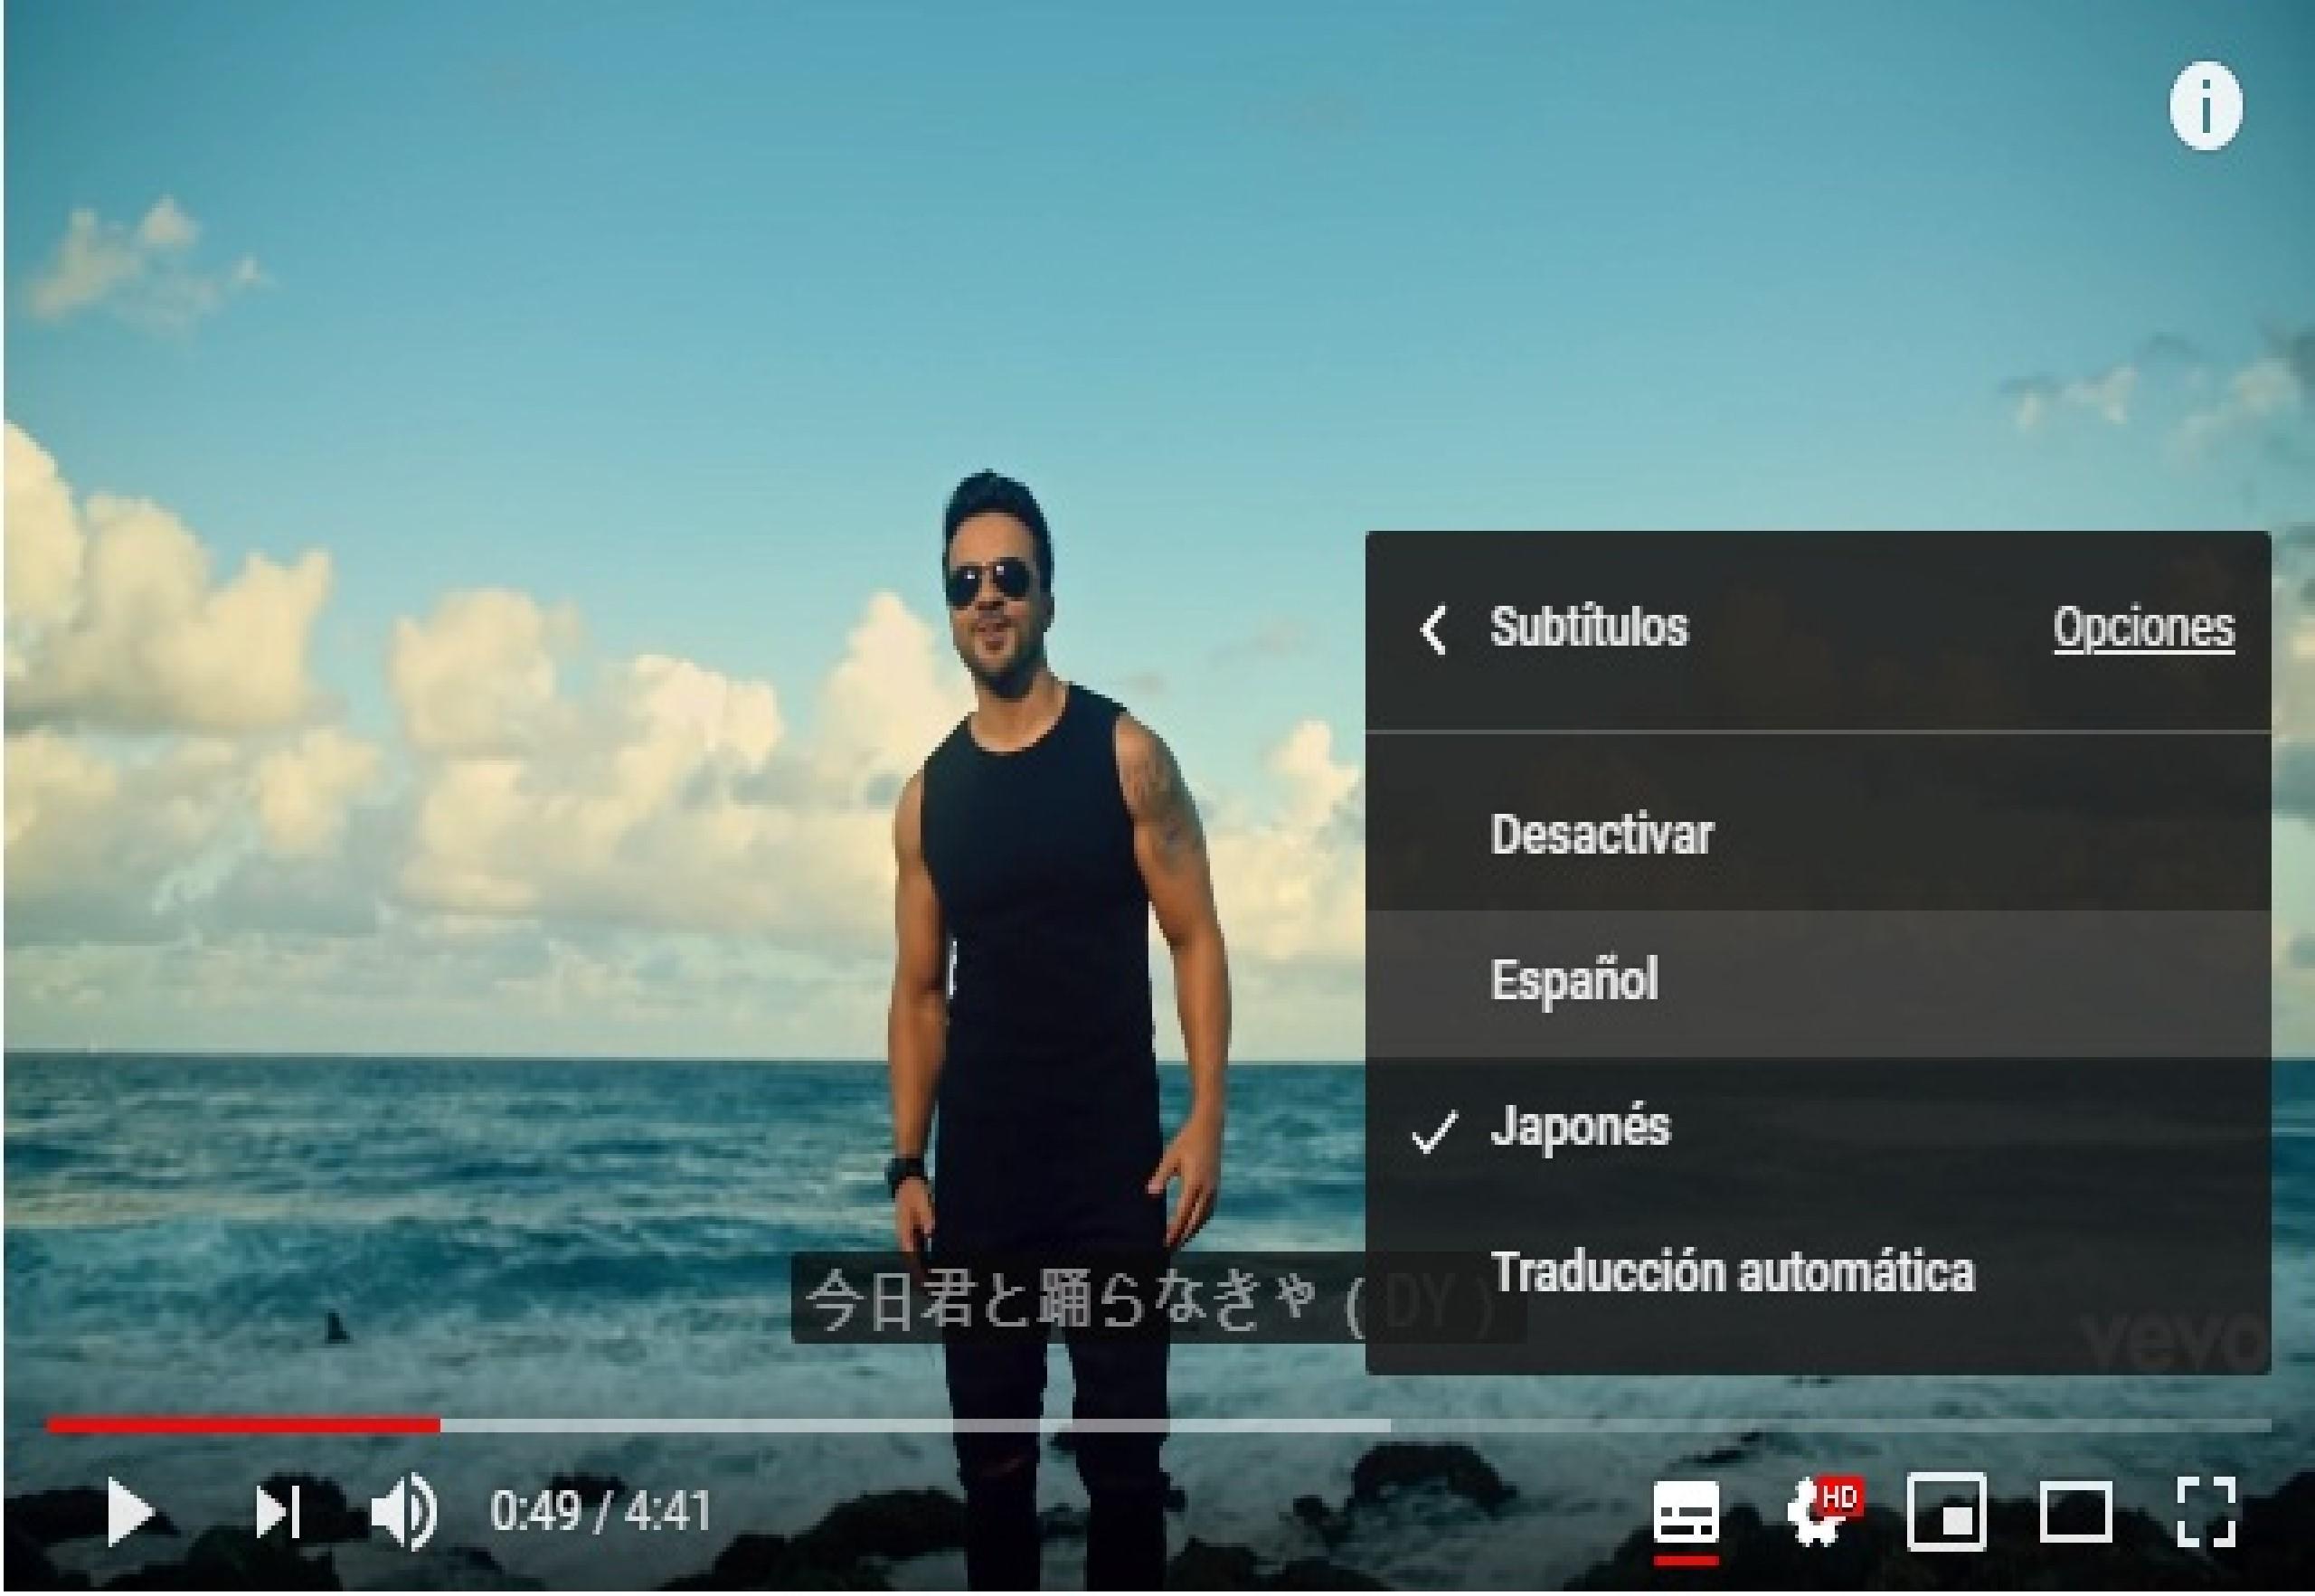 Cómo descargar subtítulos de YouTube